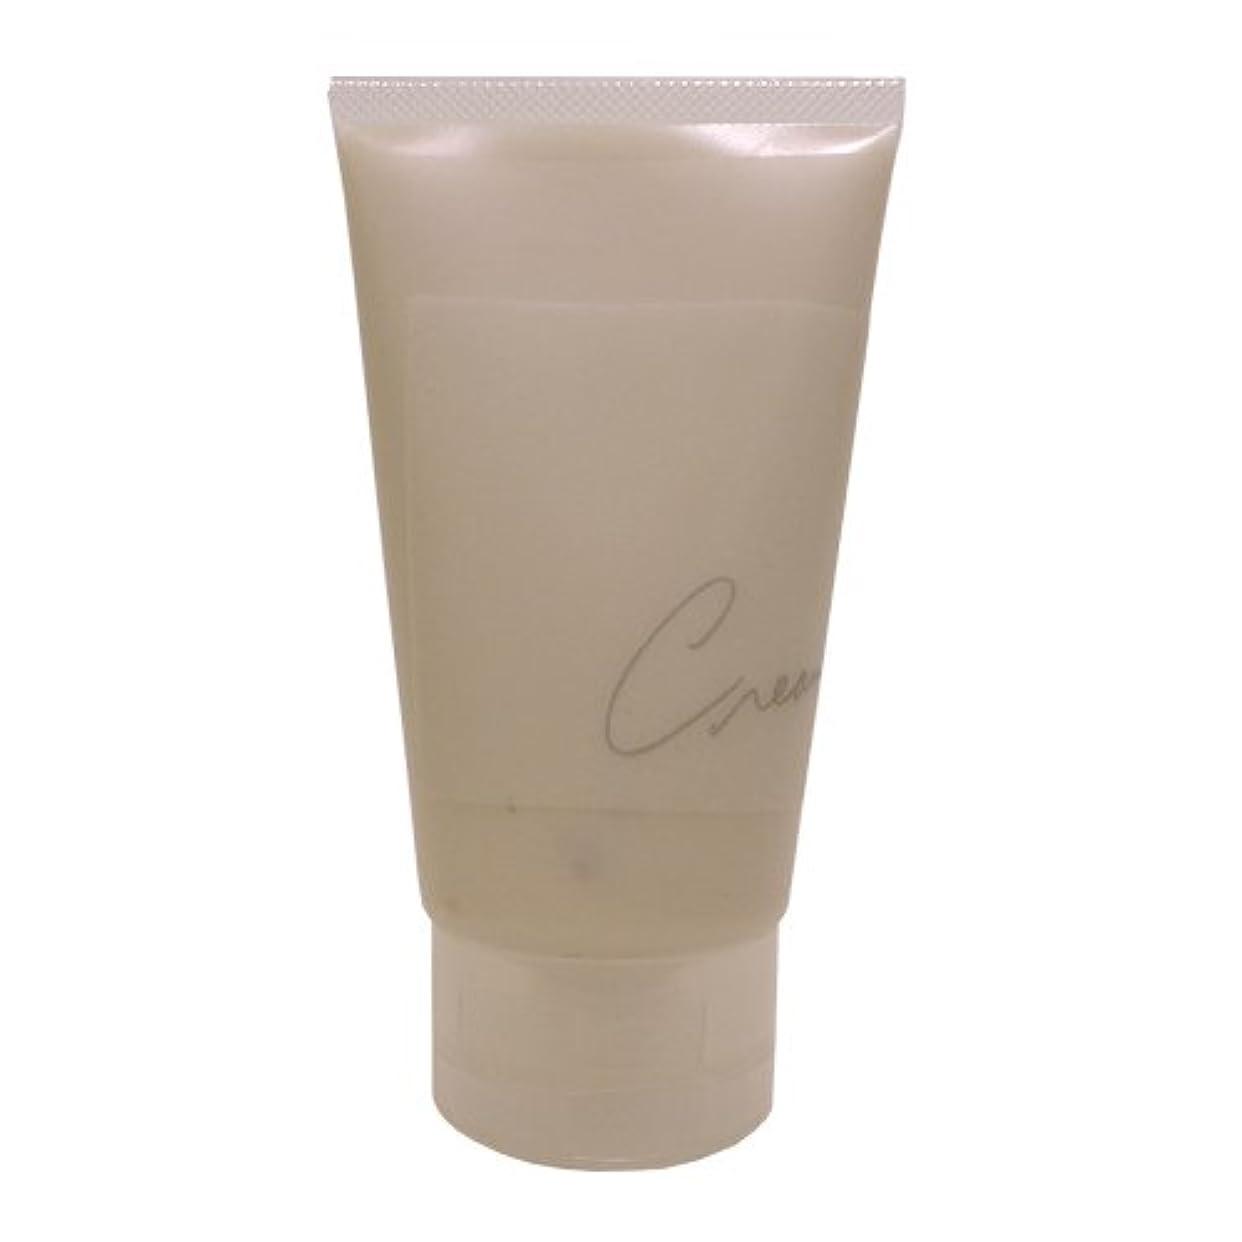 代表する不名誉なブリリアント松山油脂×東急ハンズ ハンド モイスチャークリーム カモミール